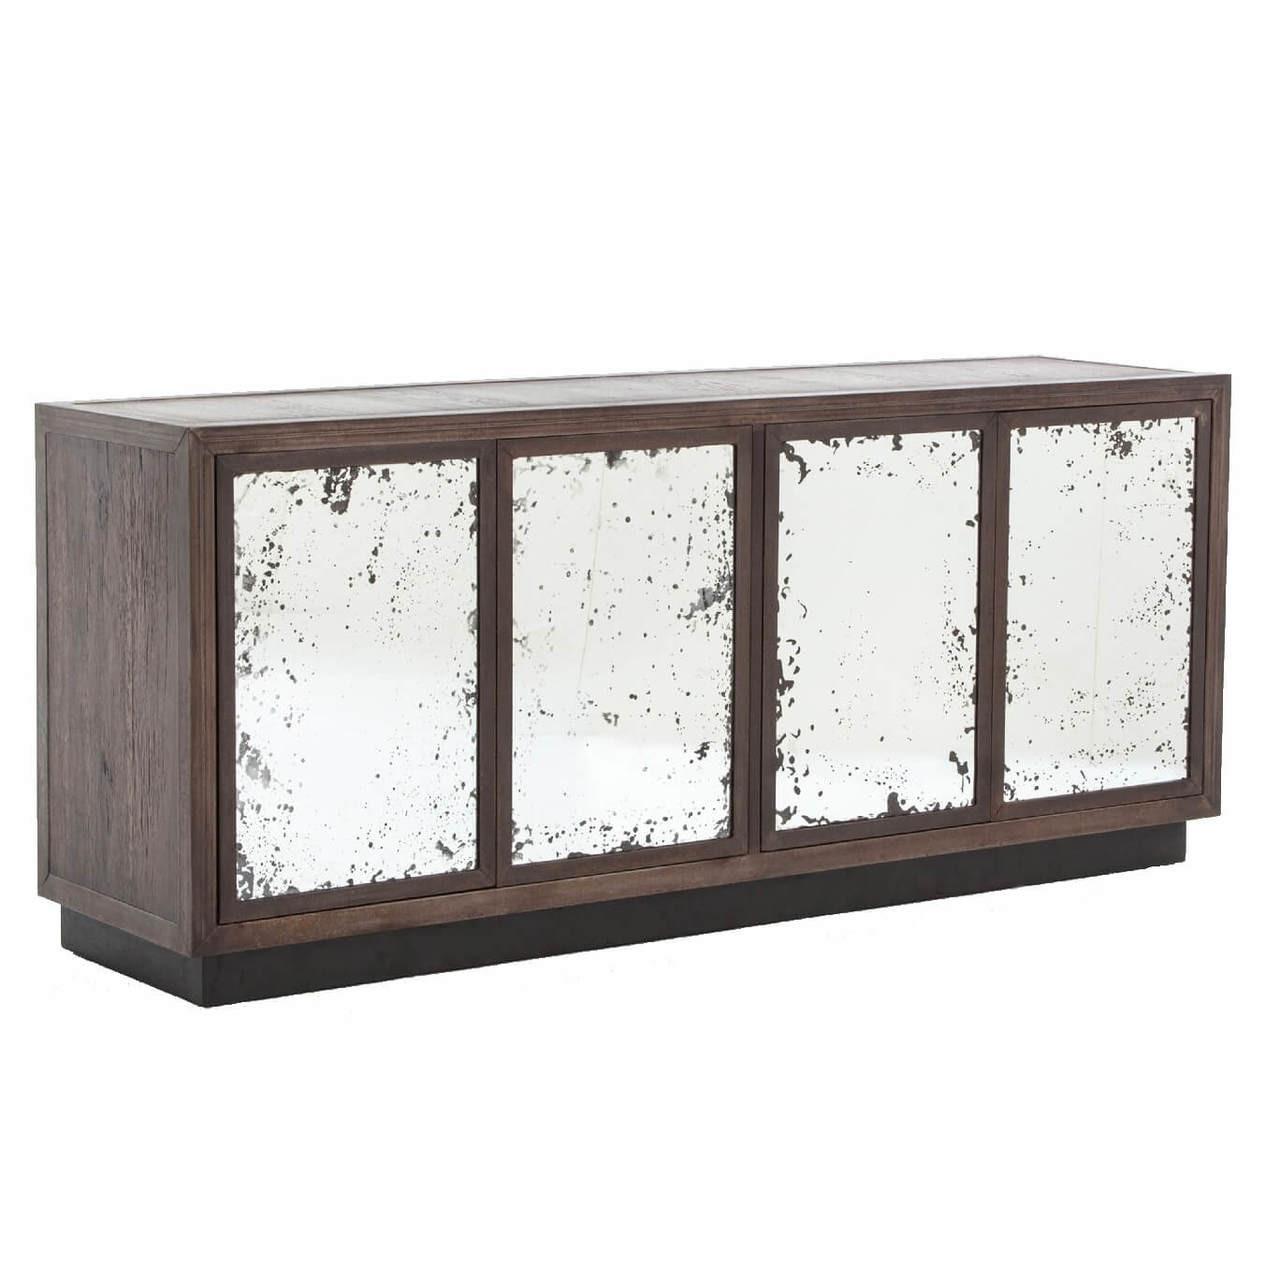 Vaughn Oak Wood Media Cabinet With Mirrored Doors Zin Home